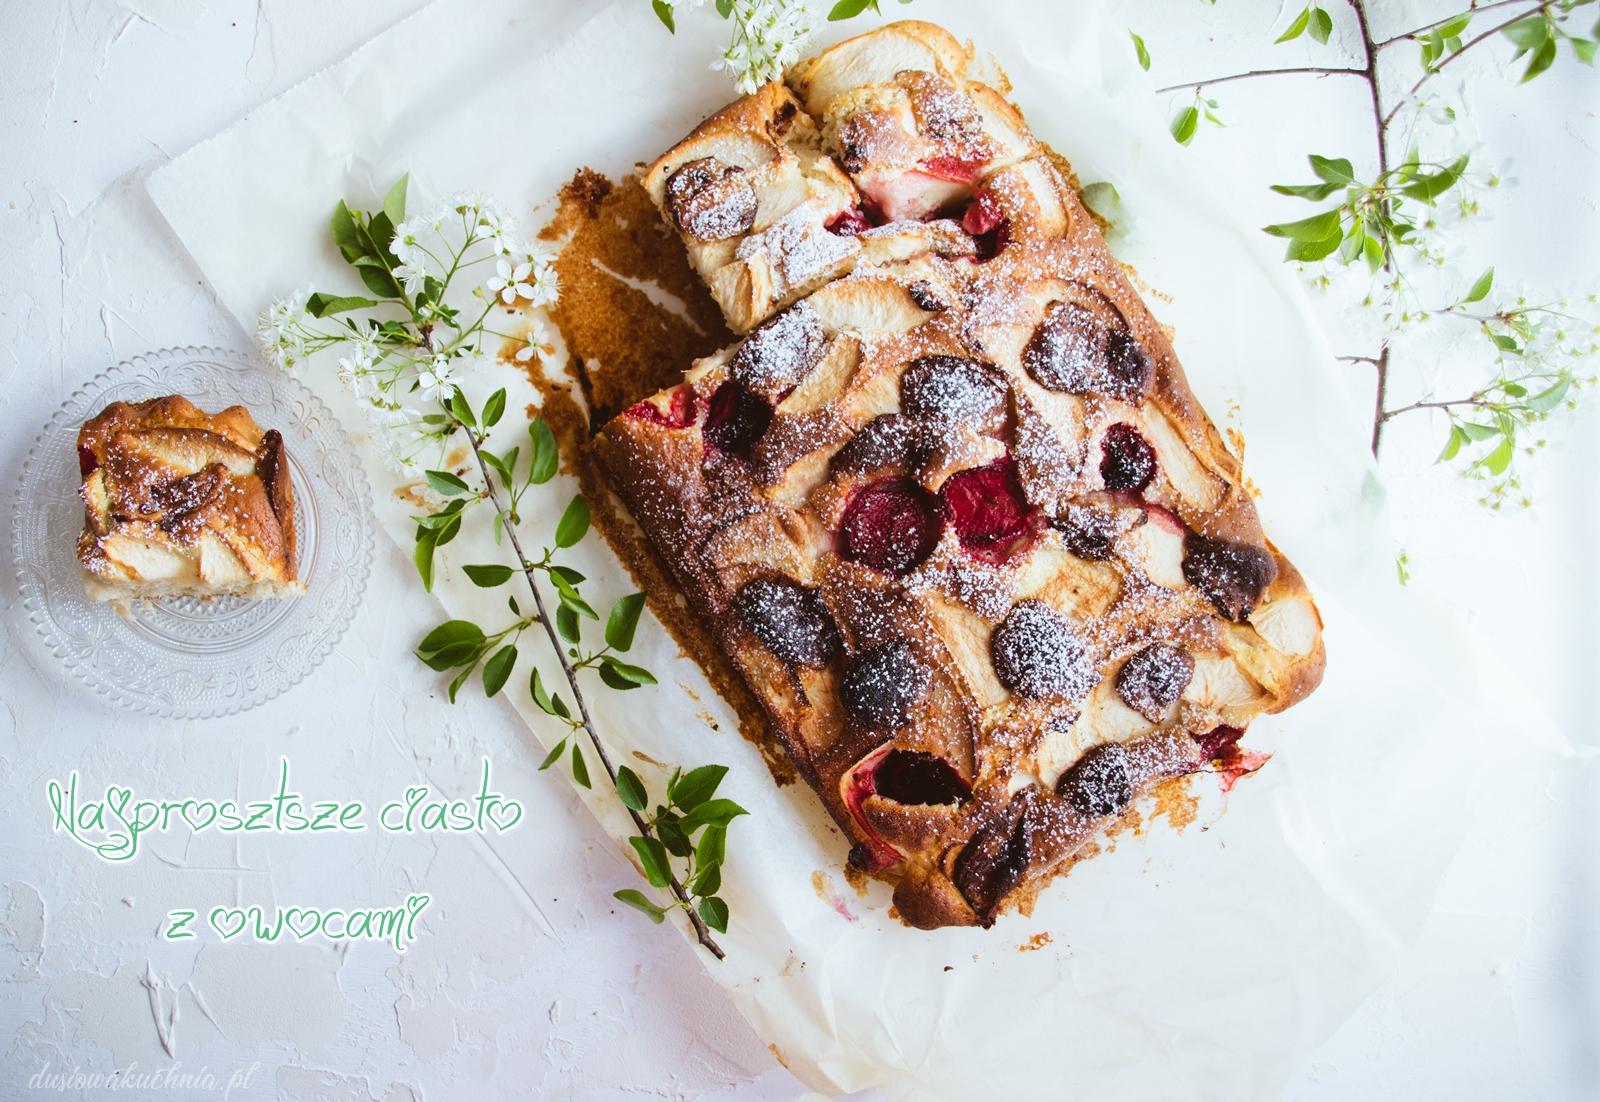 Najprostsze ciasto z owocami - idealne na Majówkę